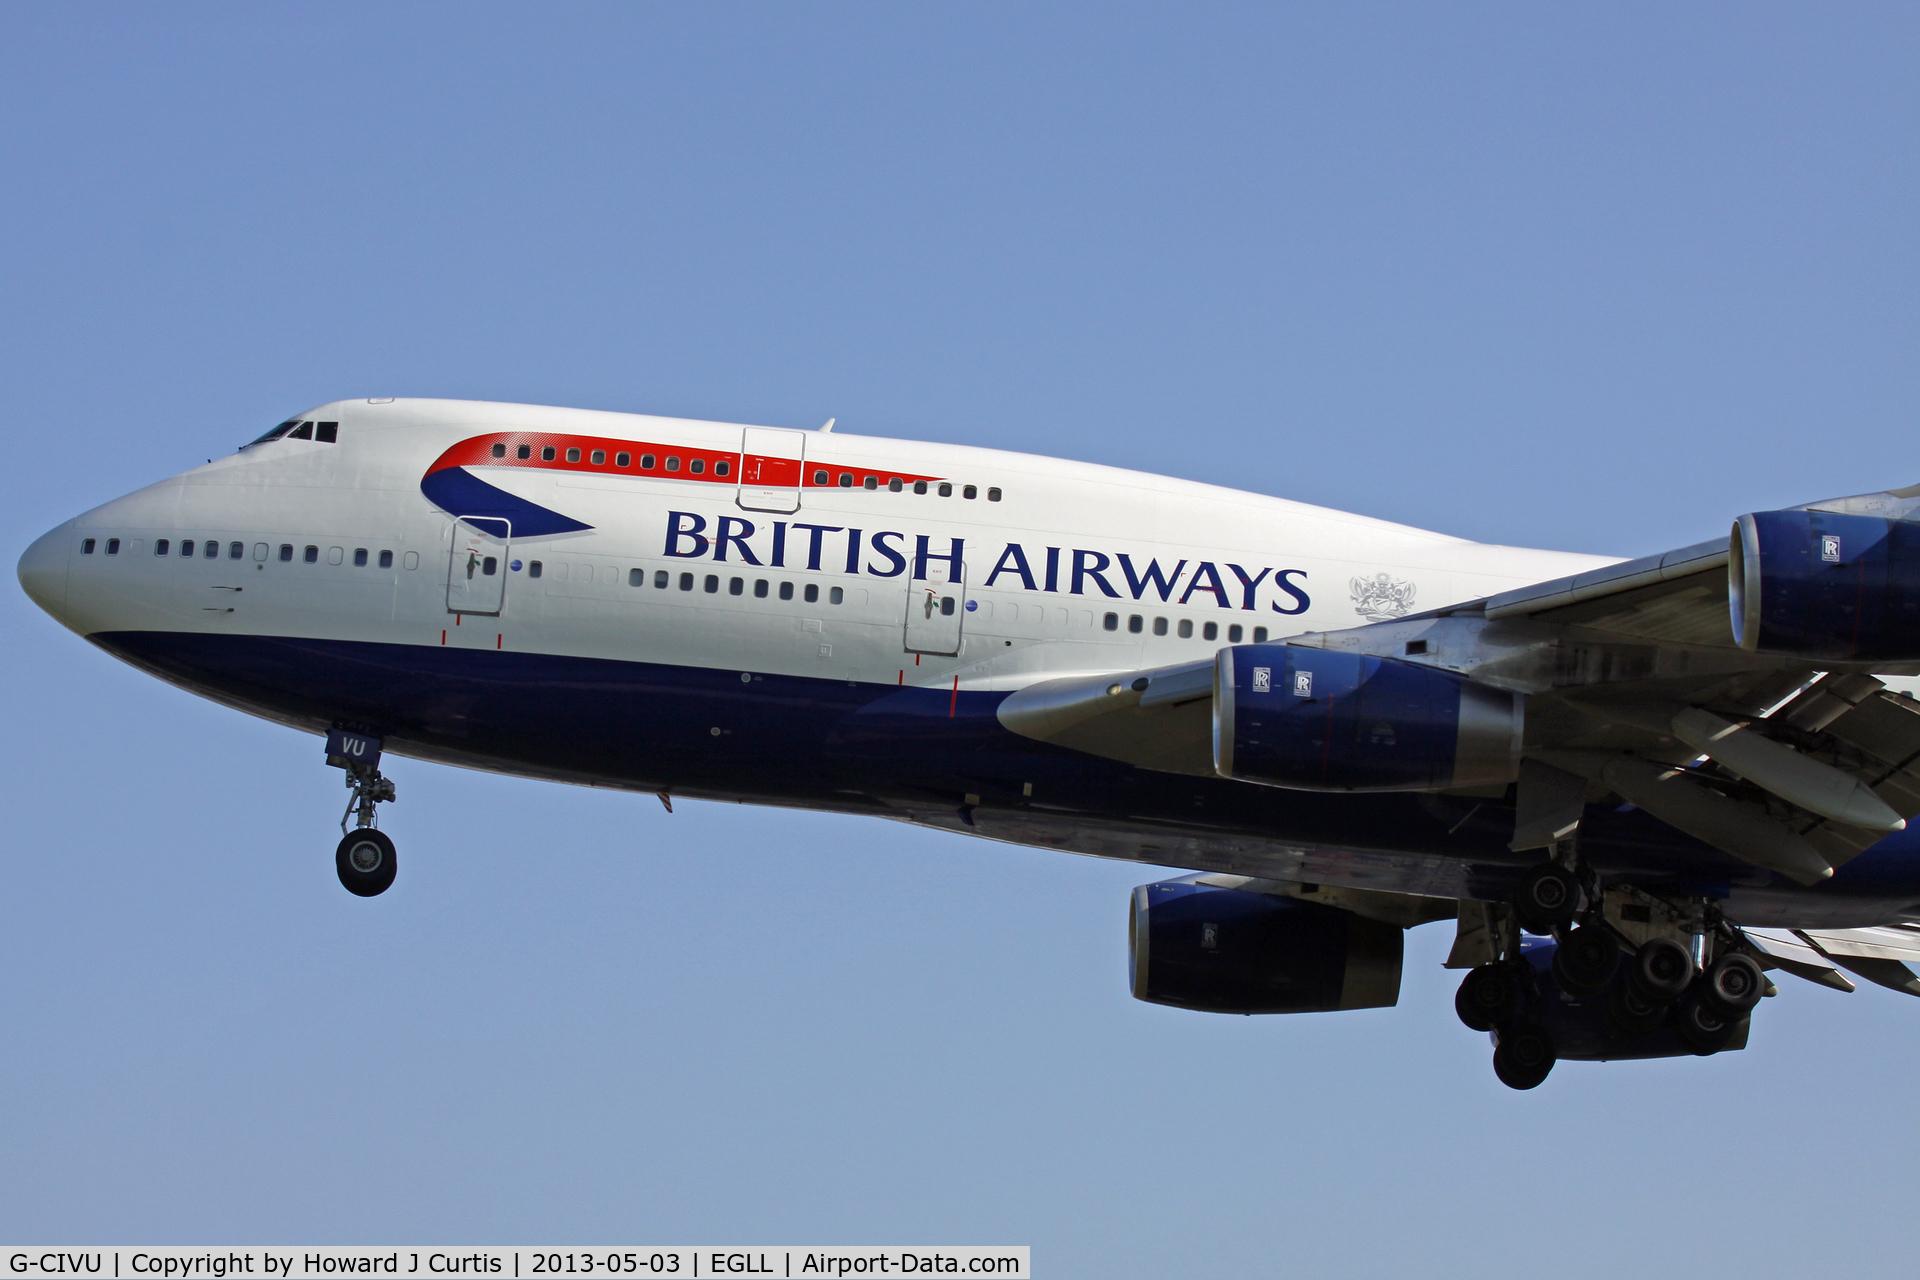 G-CIVU, 1998 Boeing 747-436 C/N 25810, British Airways, on approach to runway 27L.